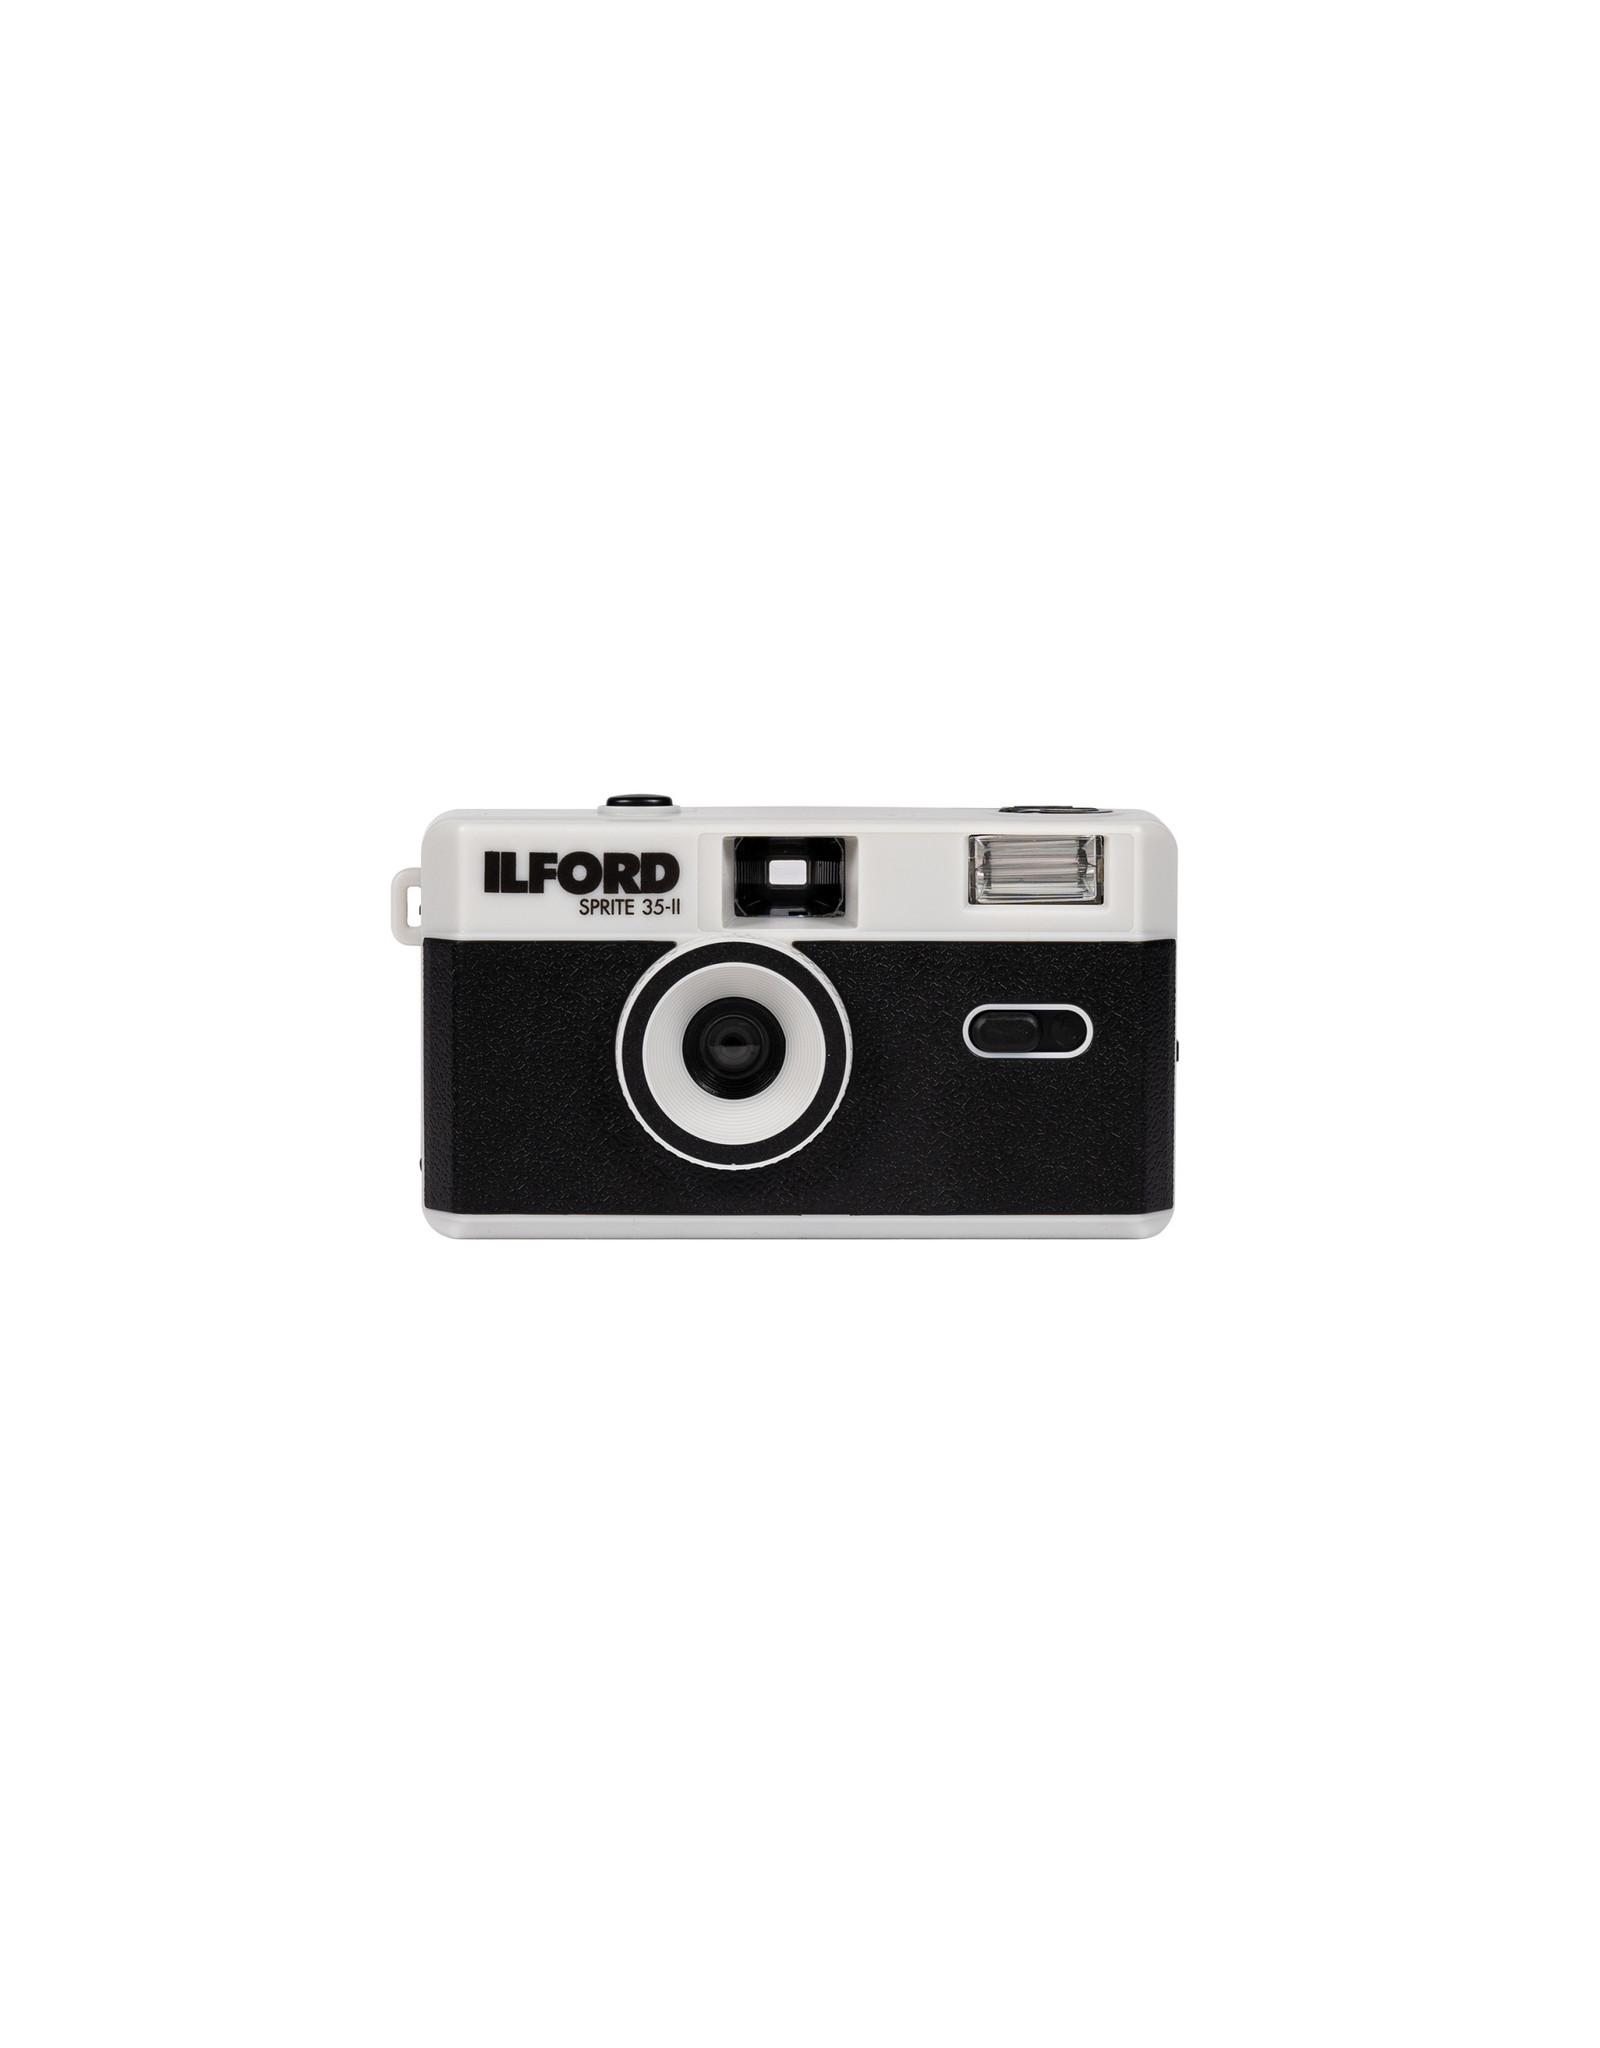 ILFORD Sprite 35-II Camera (Black & Silver)